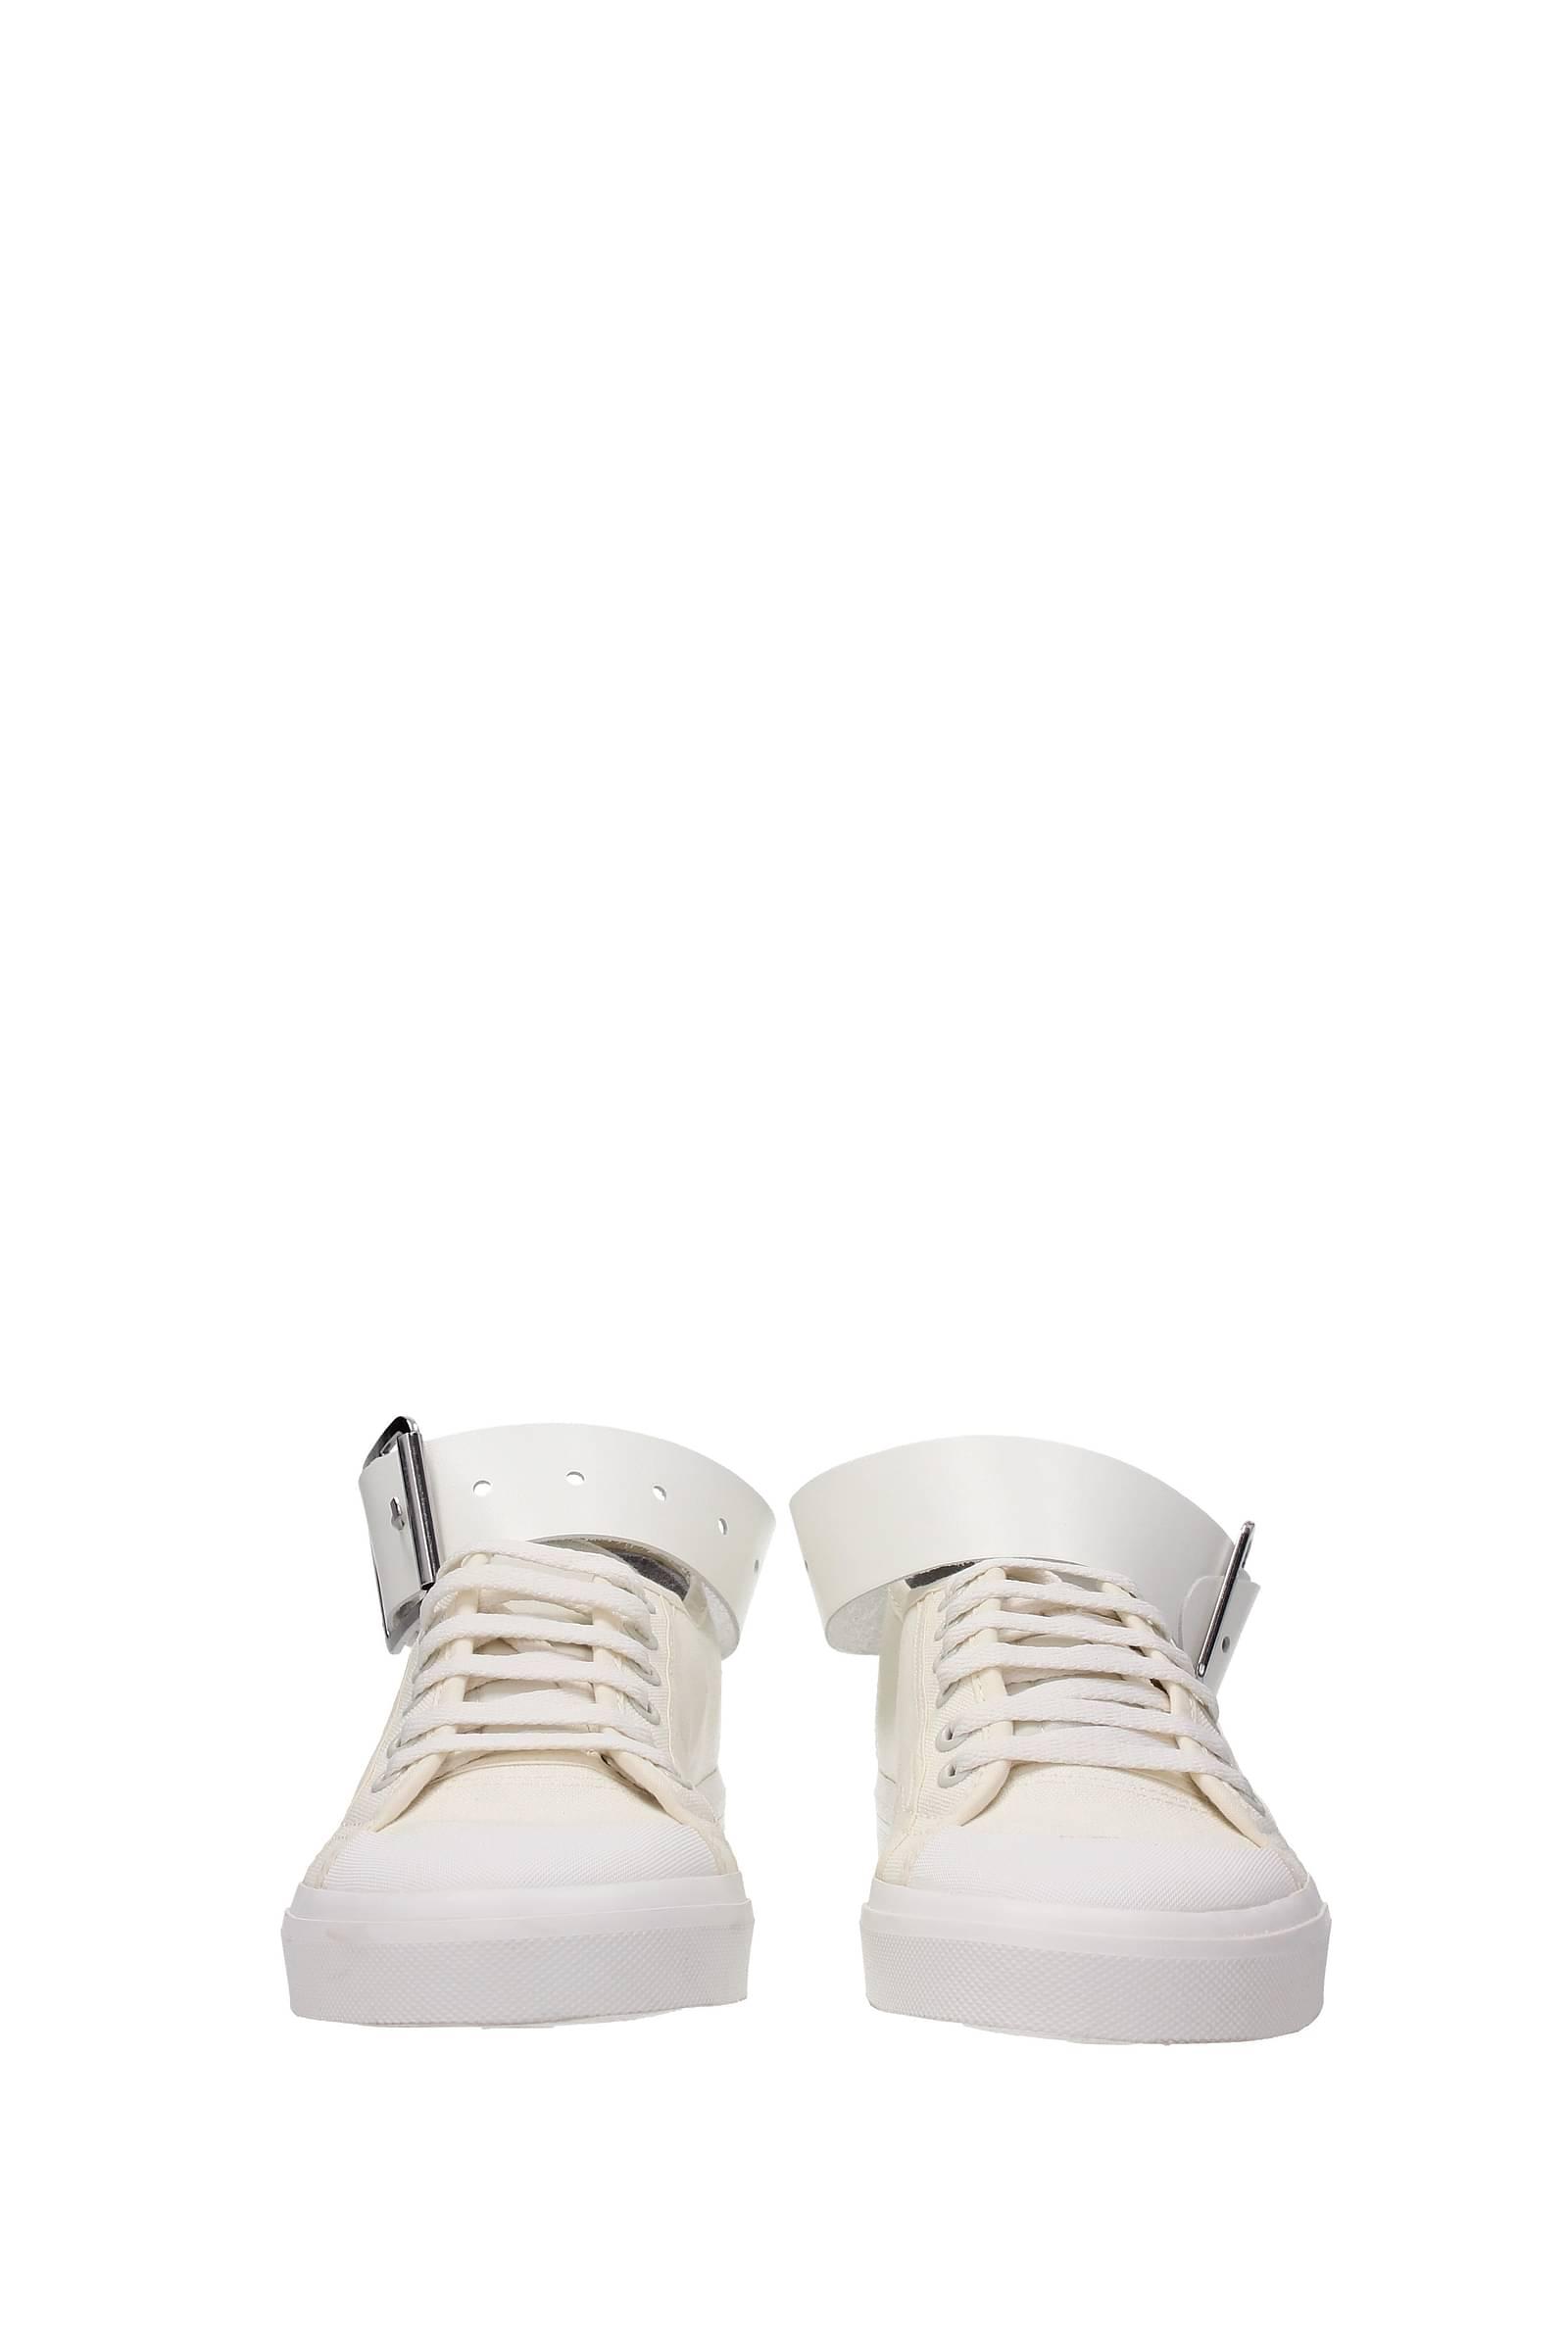 Scarpe da ginnastica Adidas RAF SIMONS Spirito Fibbia Uomo